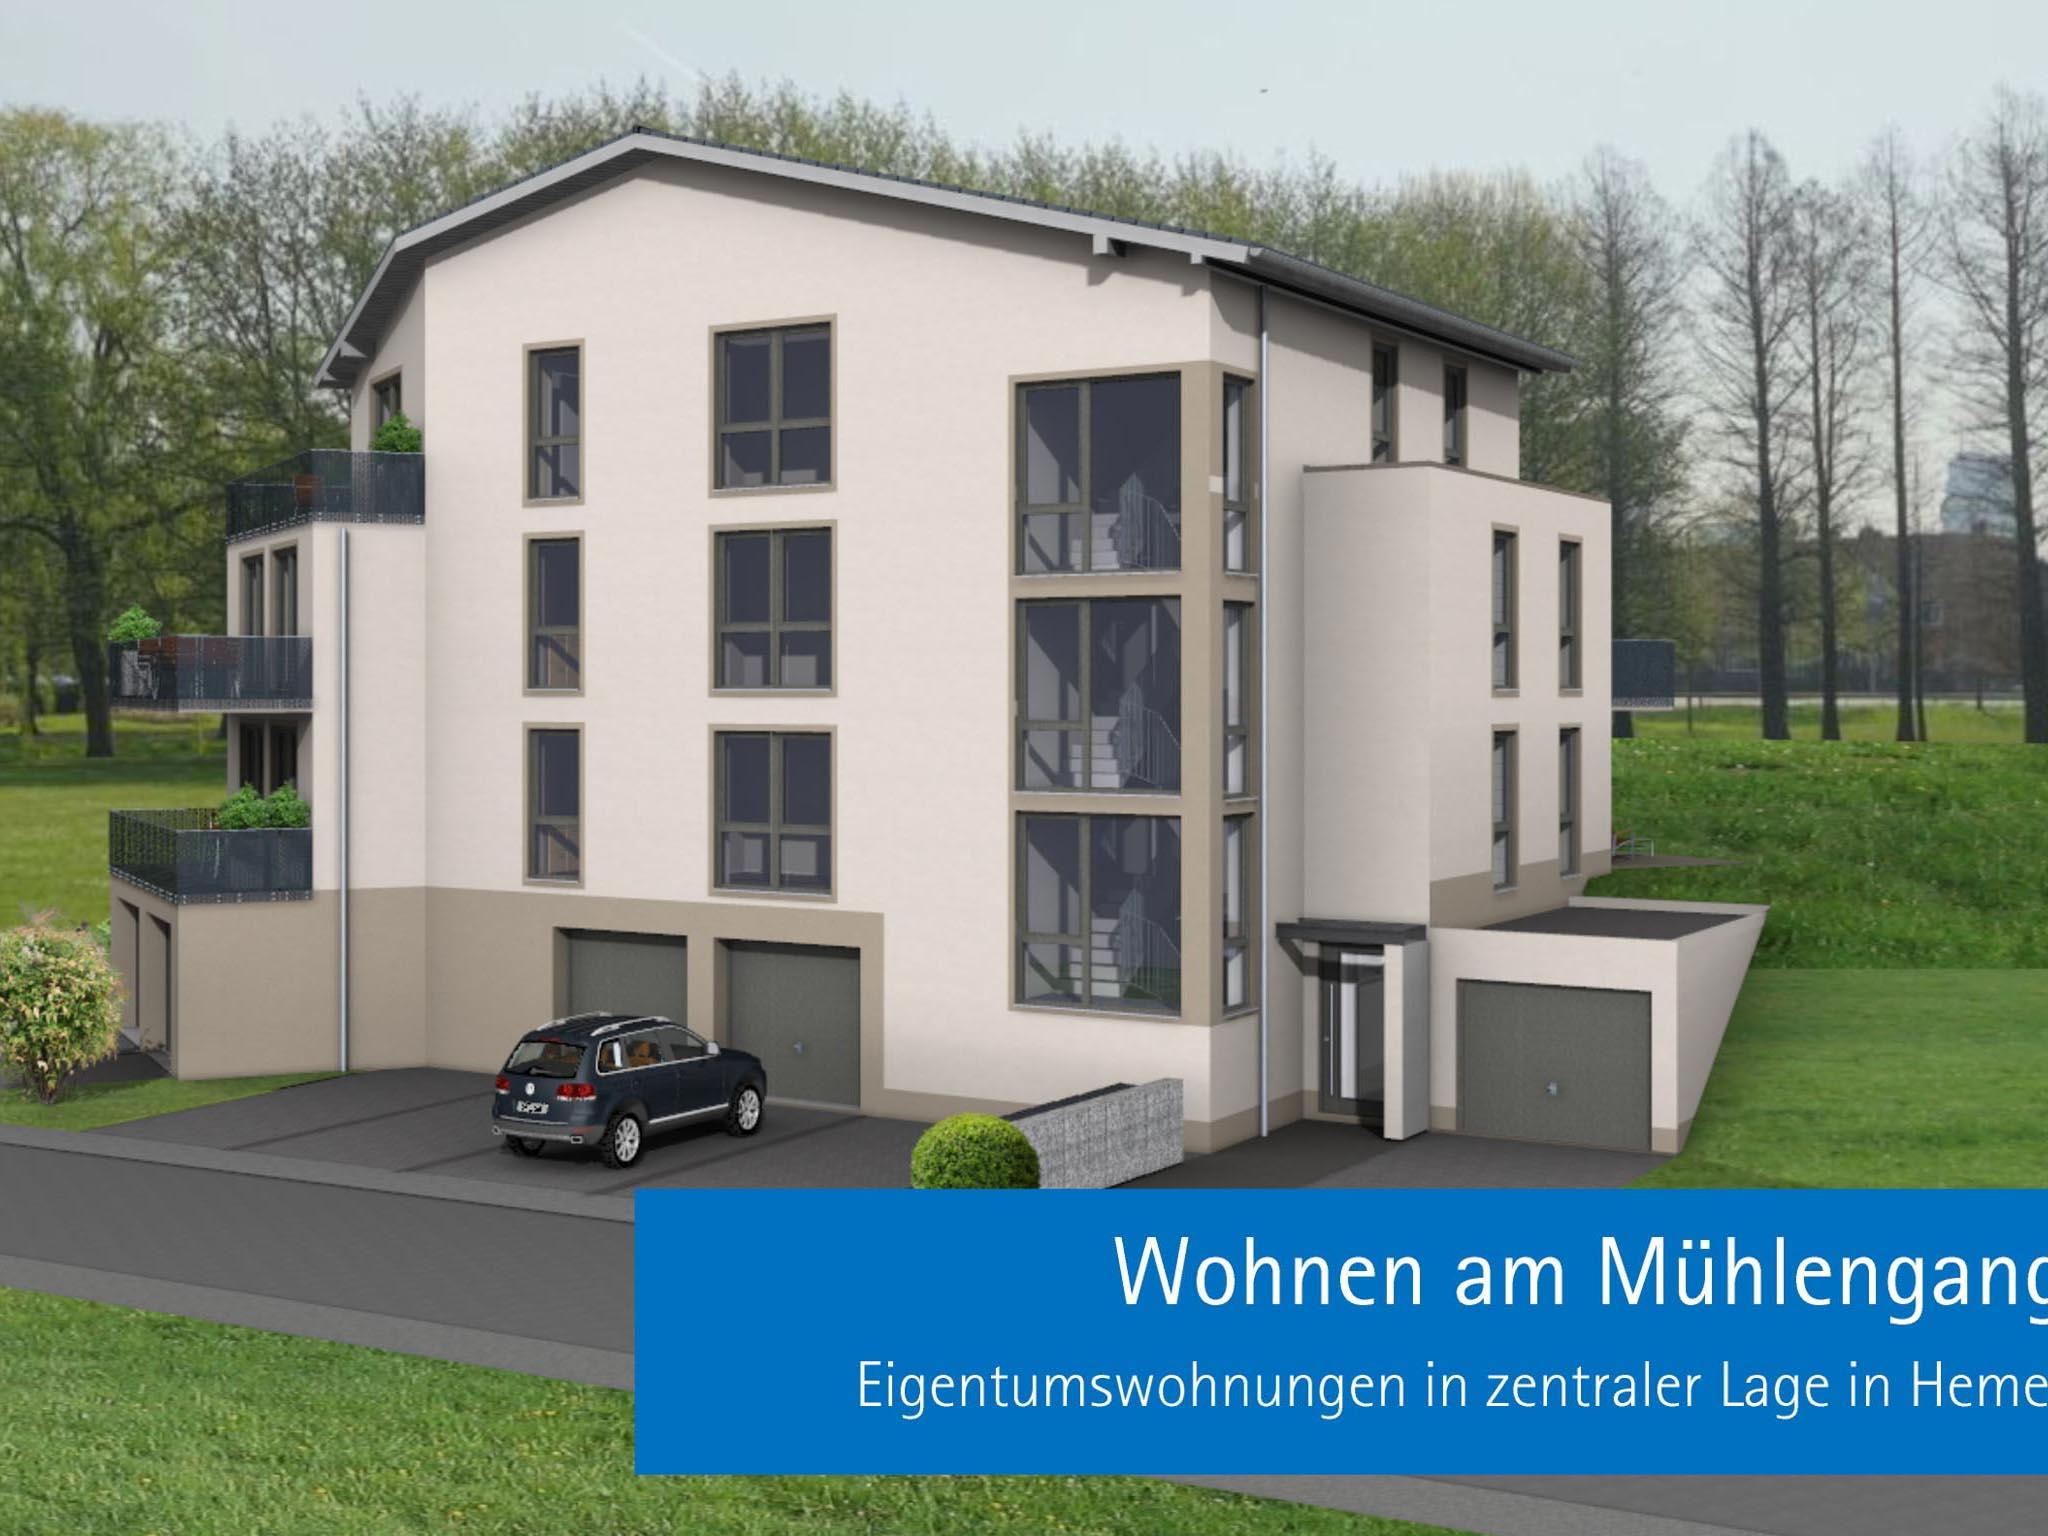 Bauträgerprojekt: Wohnen am Mühlengang